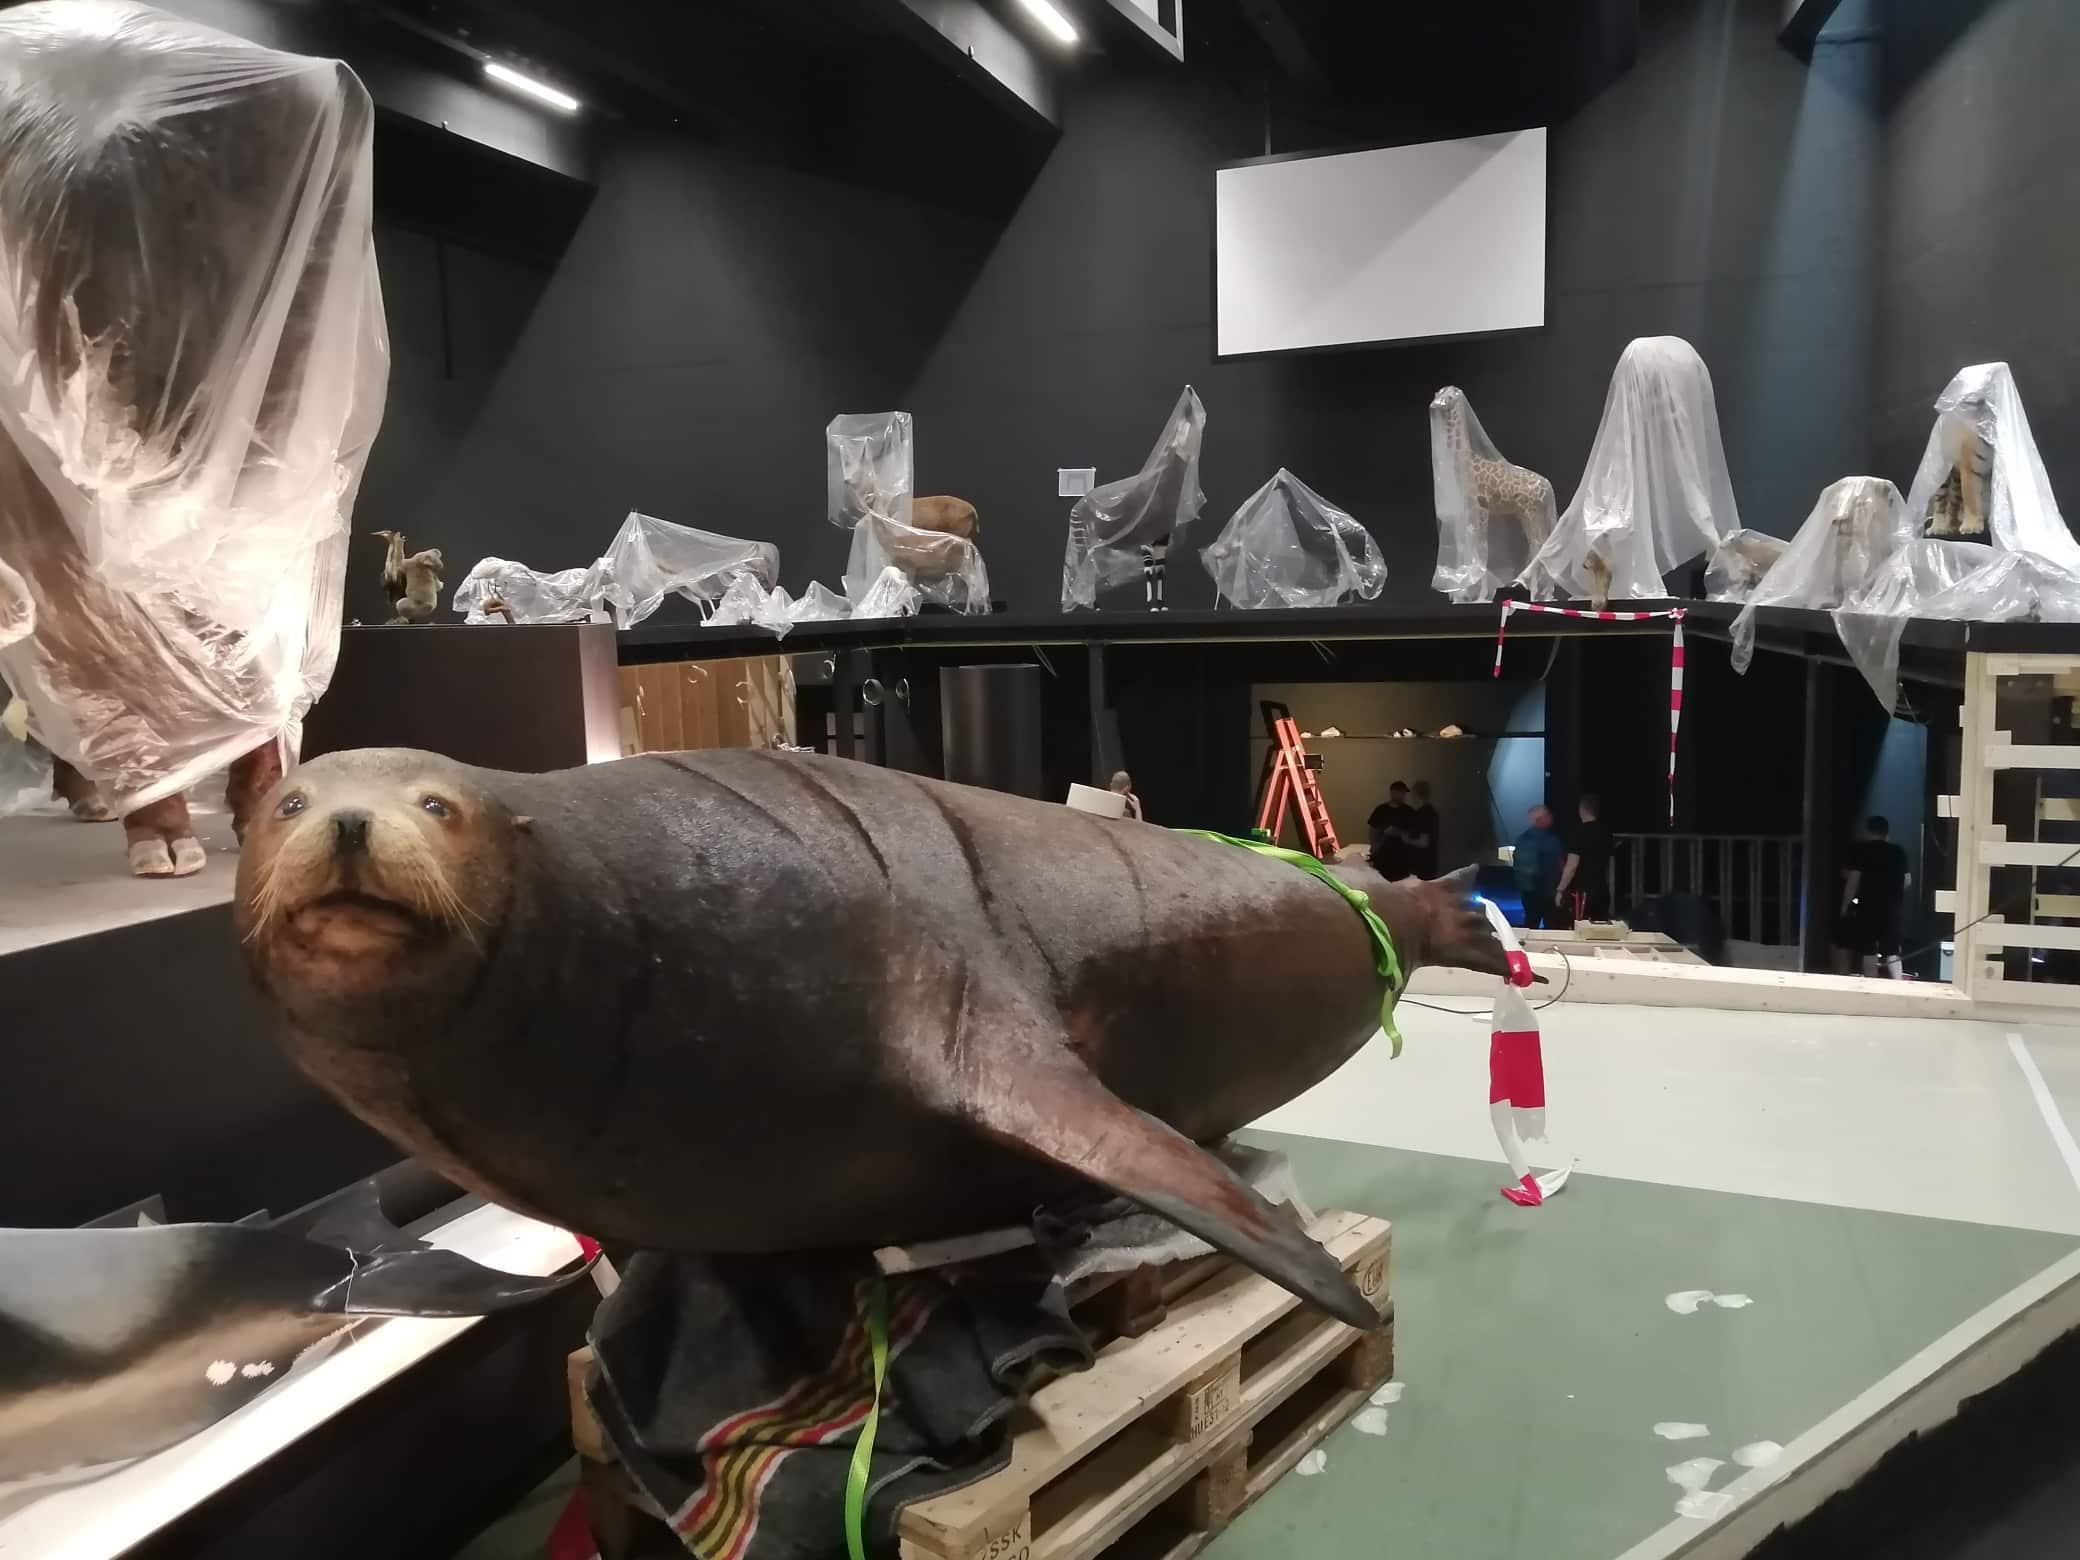 restauratie en ophangen van zeeleeuw | Naturalis Biodiversity Center